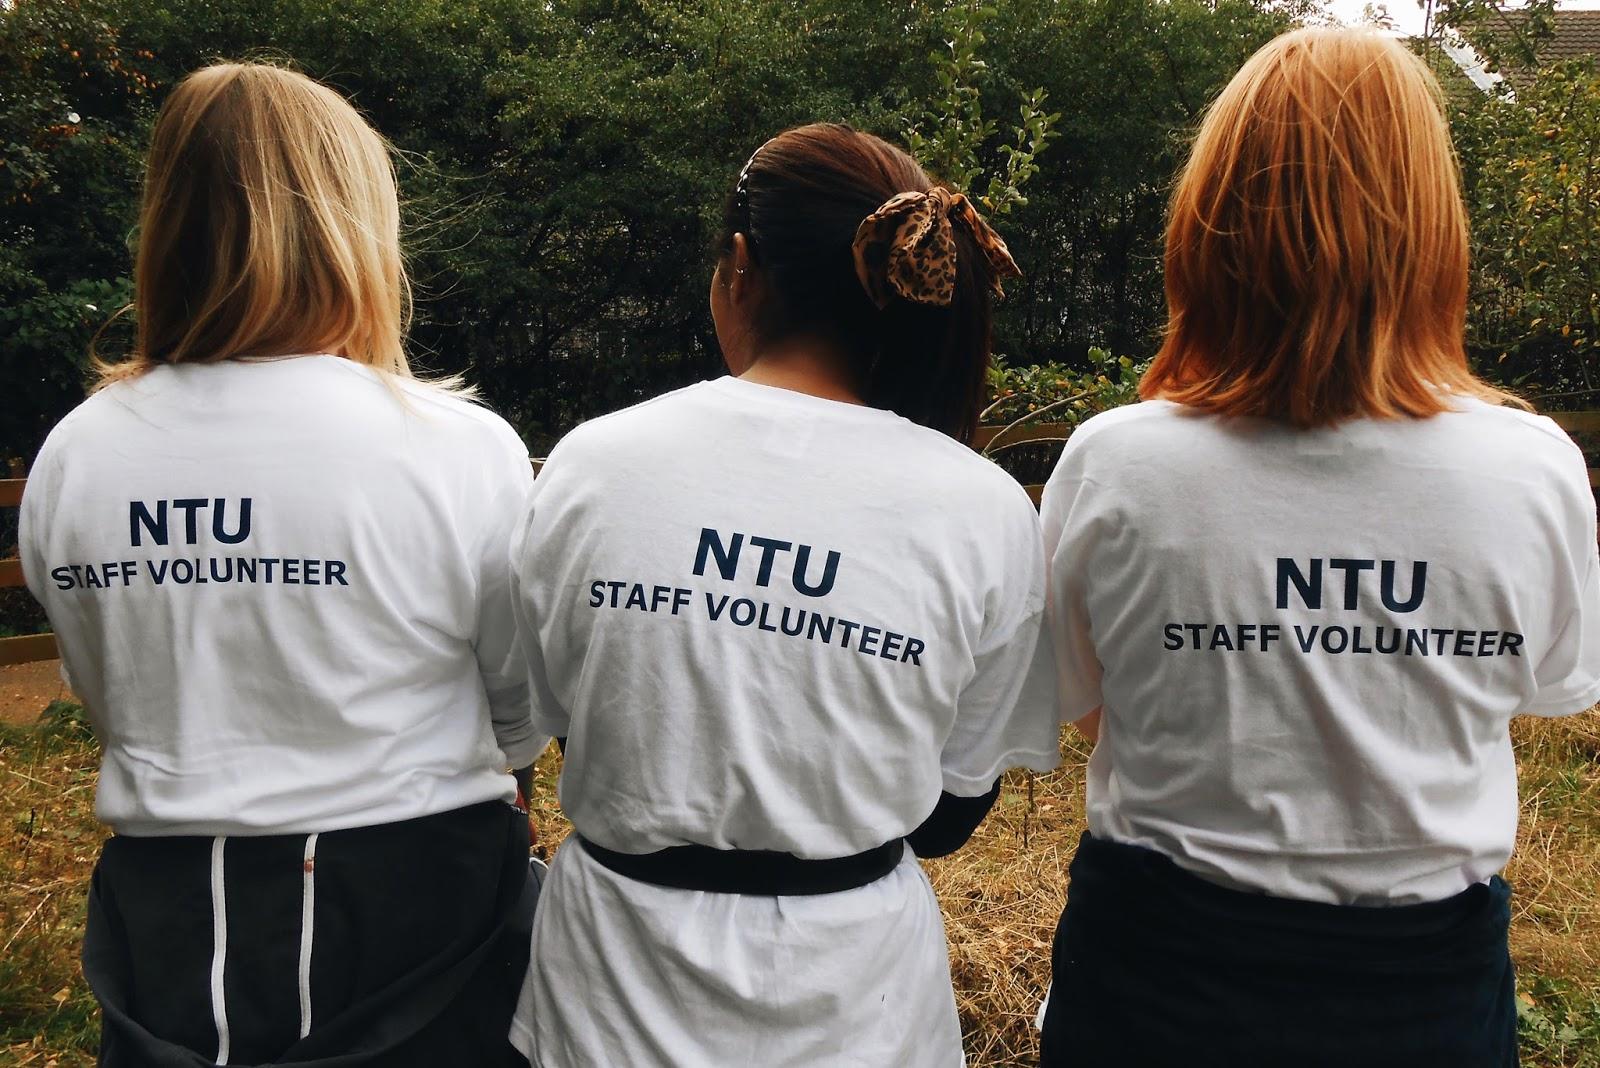 Some of NTU's Staff Volunteers.